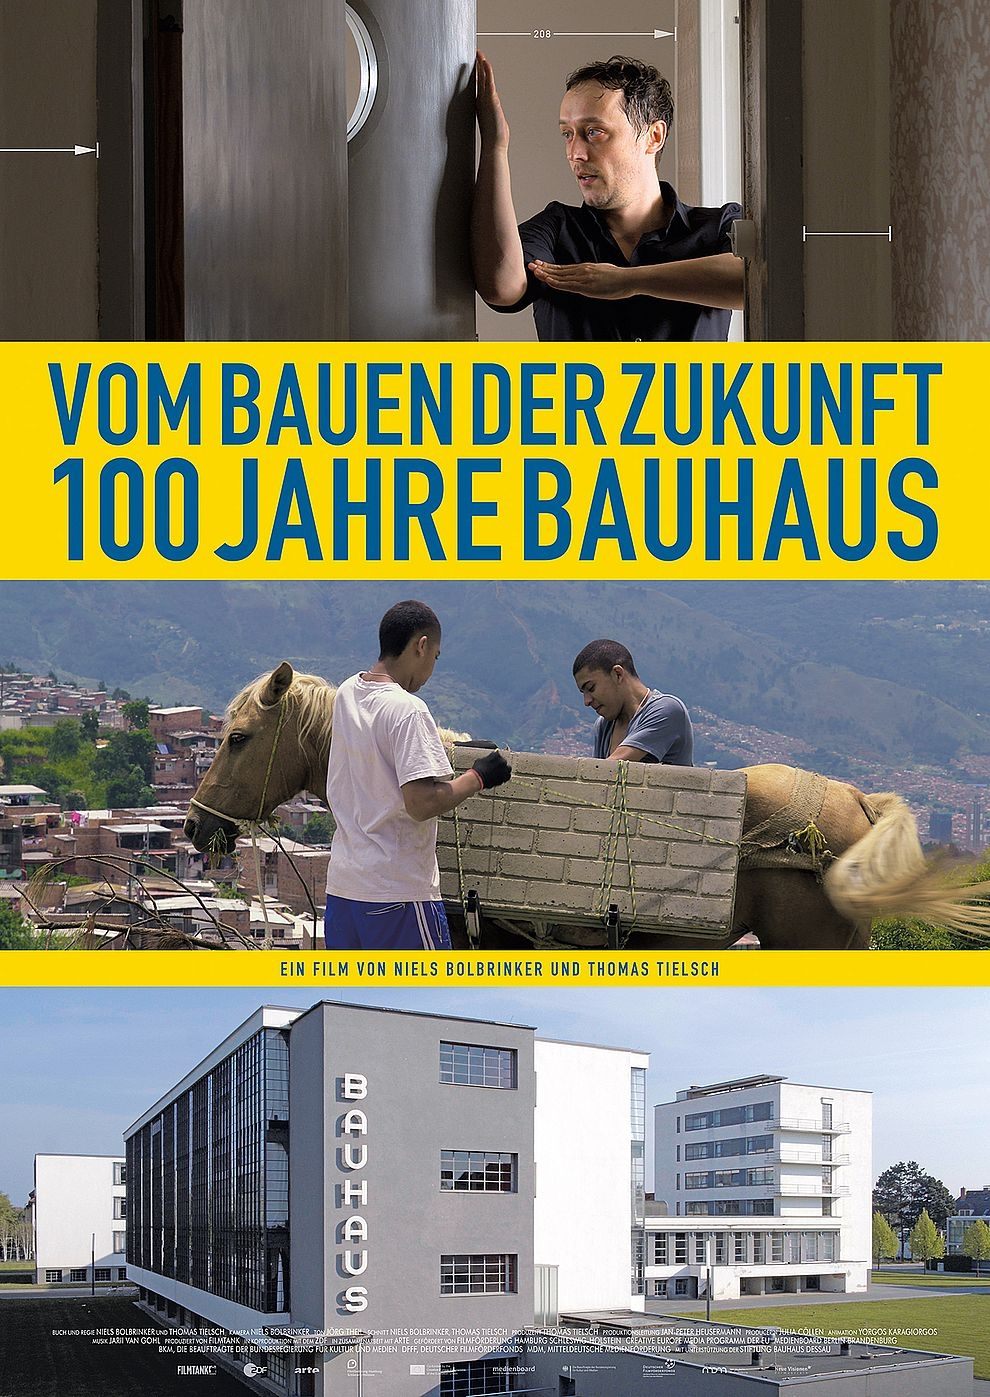 Vom Bauen der Zukunft - 100 Jahre Bauhaus (Poster)